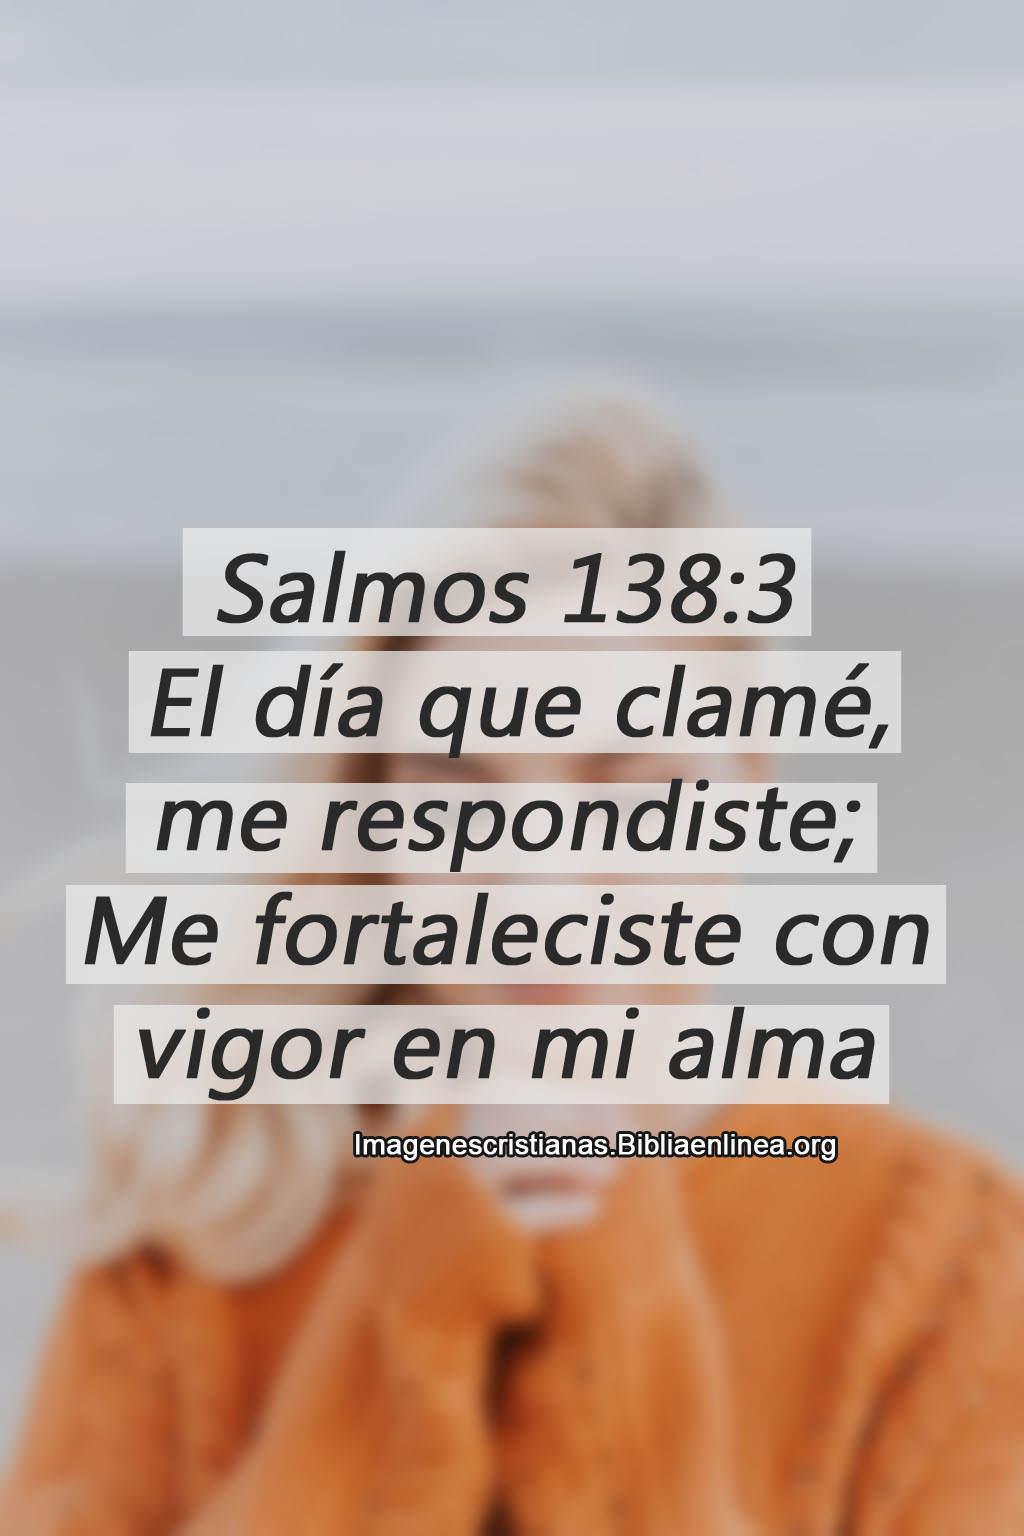 Salmos 138 3 el día que clame me respondiste